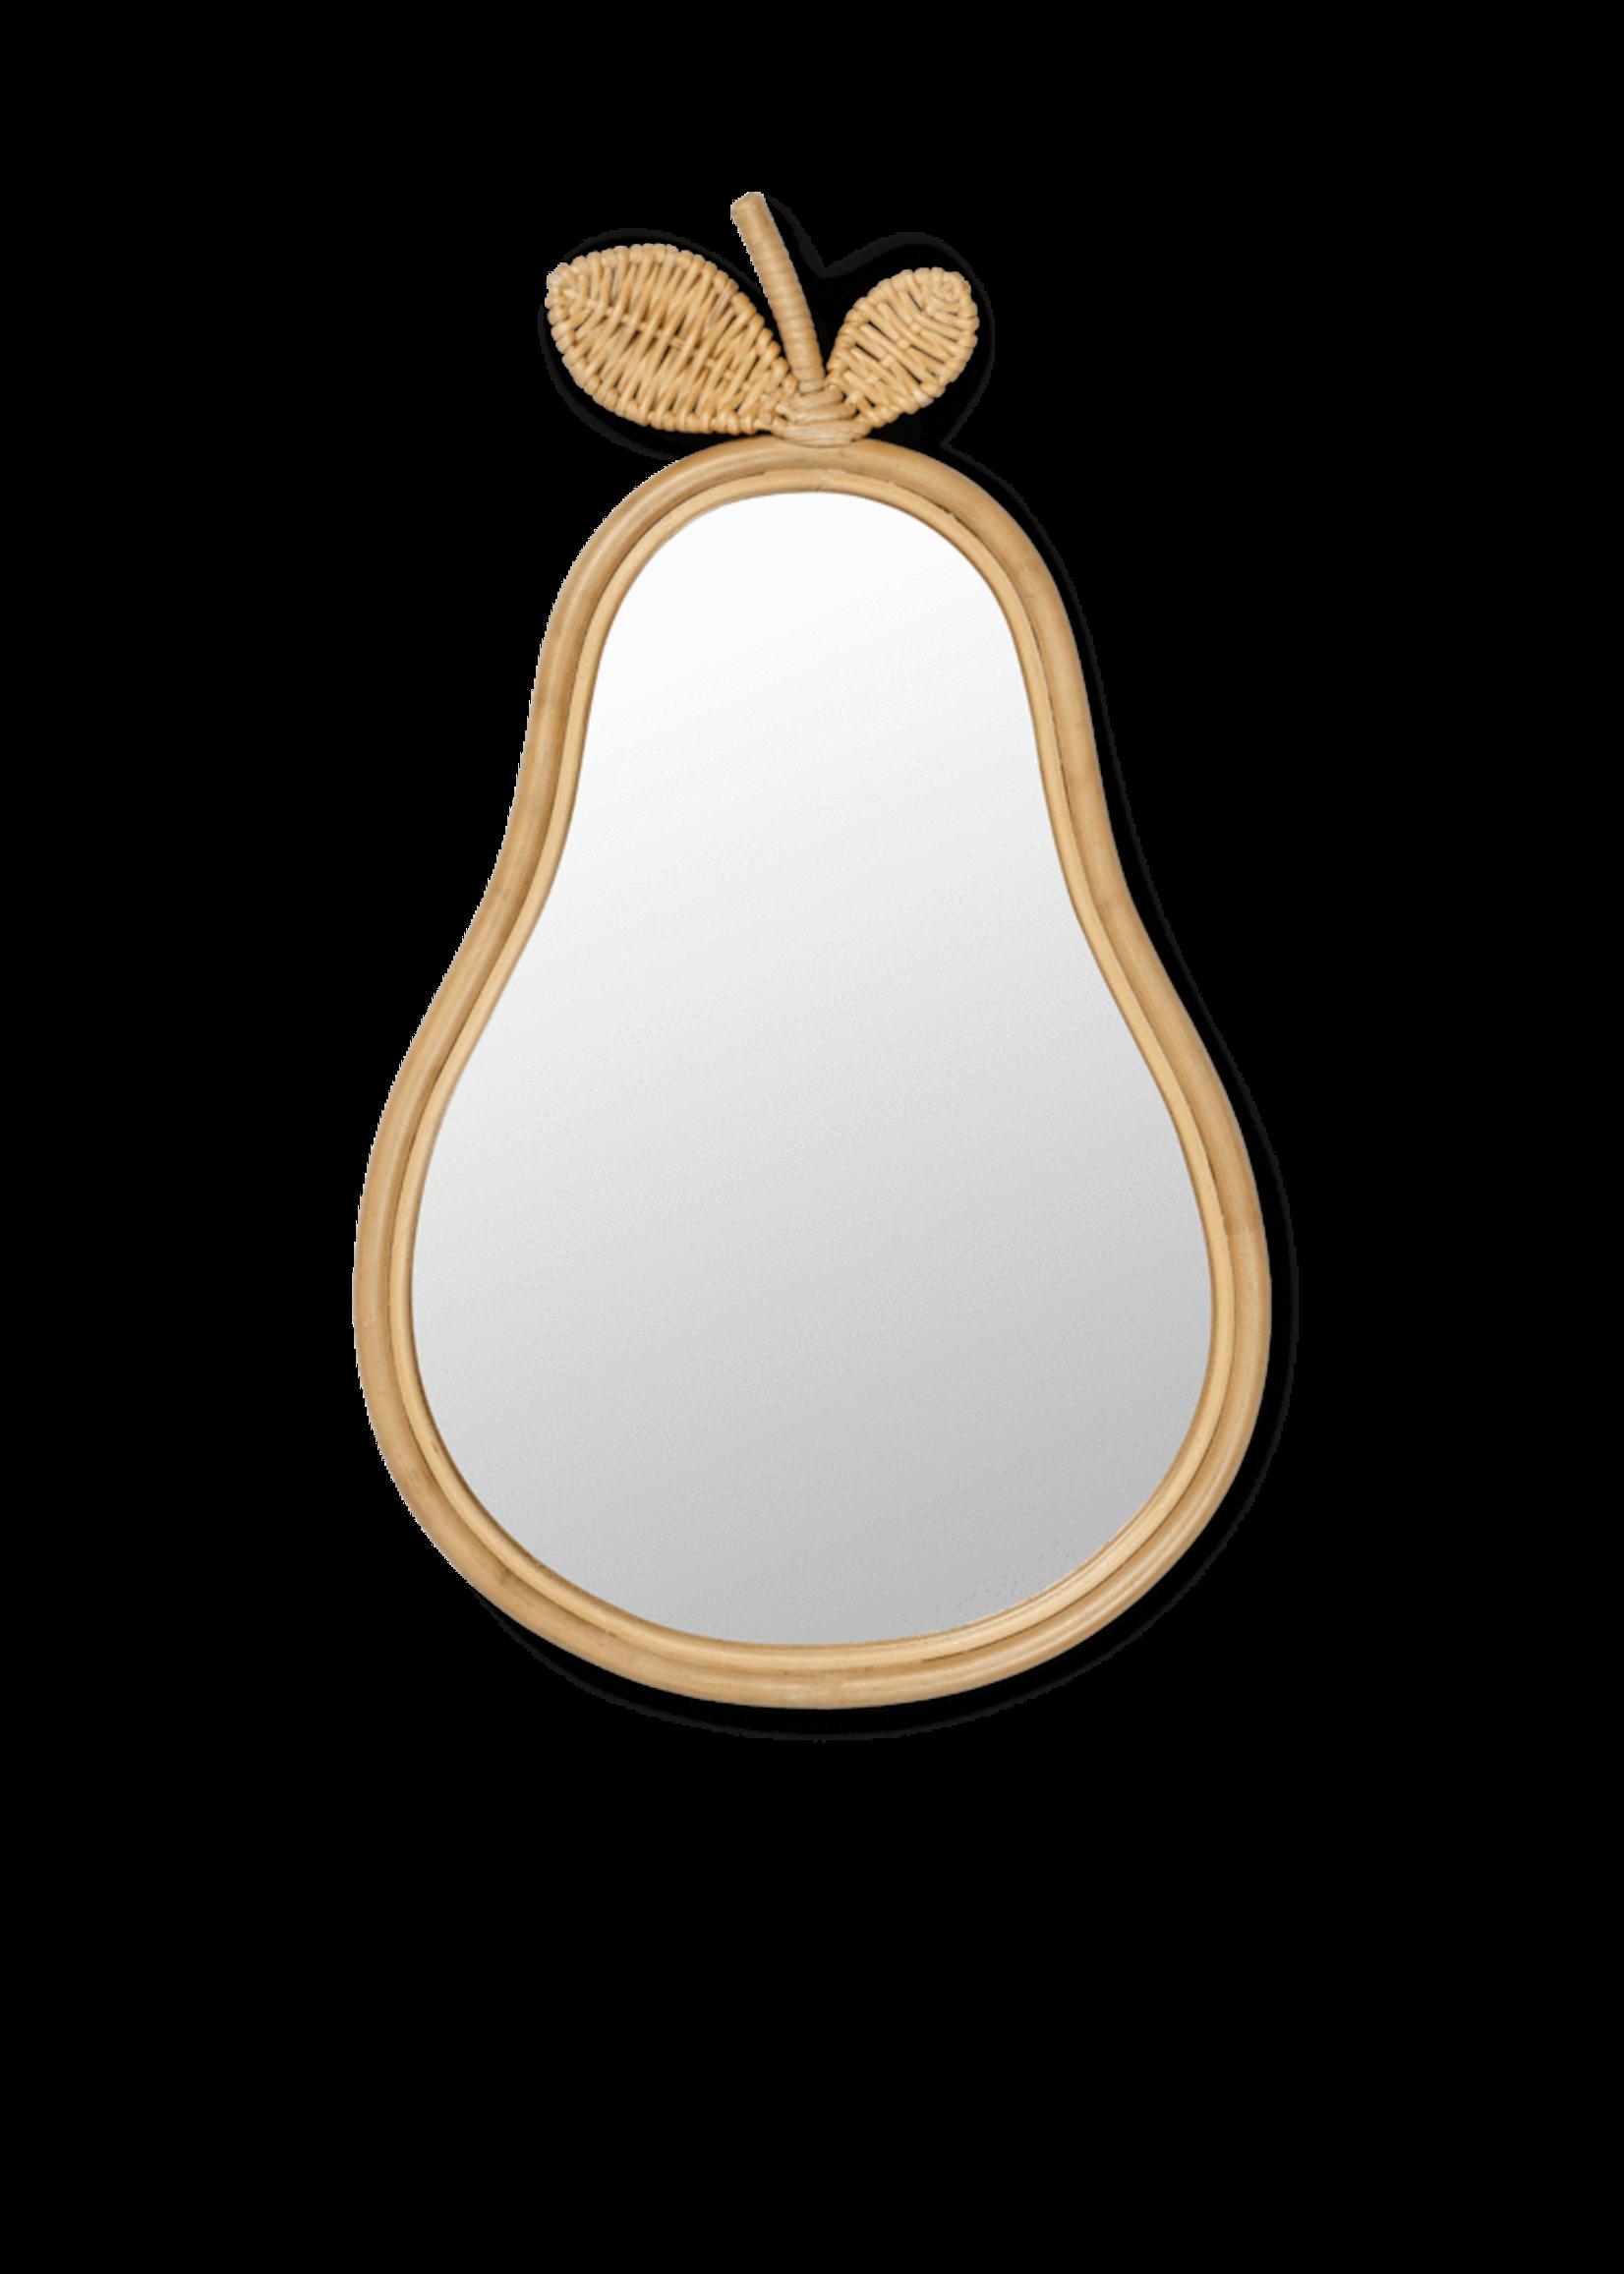 ferm LIVING ferm LIVING Pear Mirror - Natural